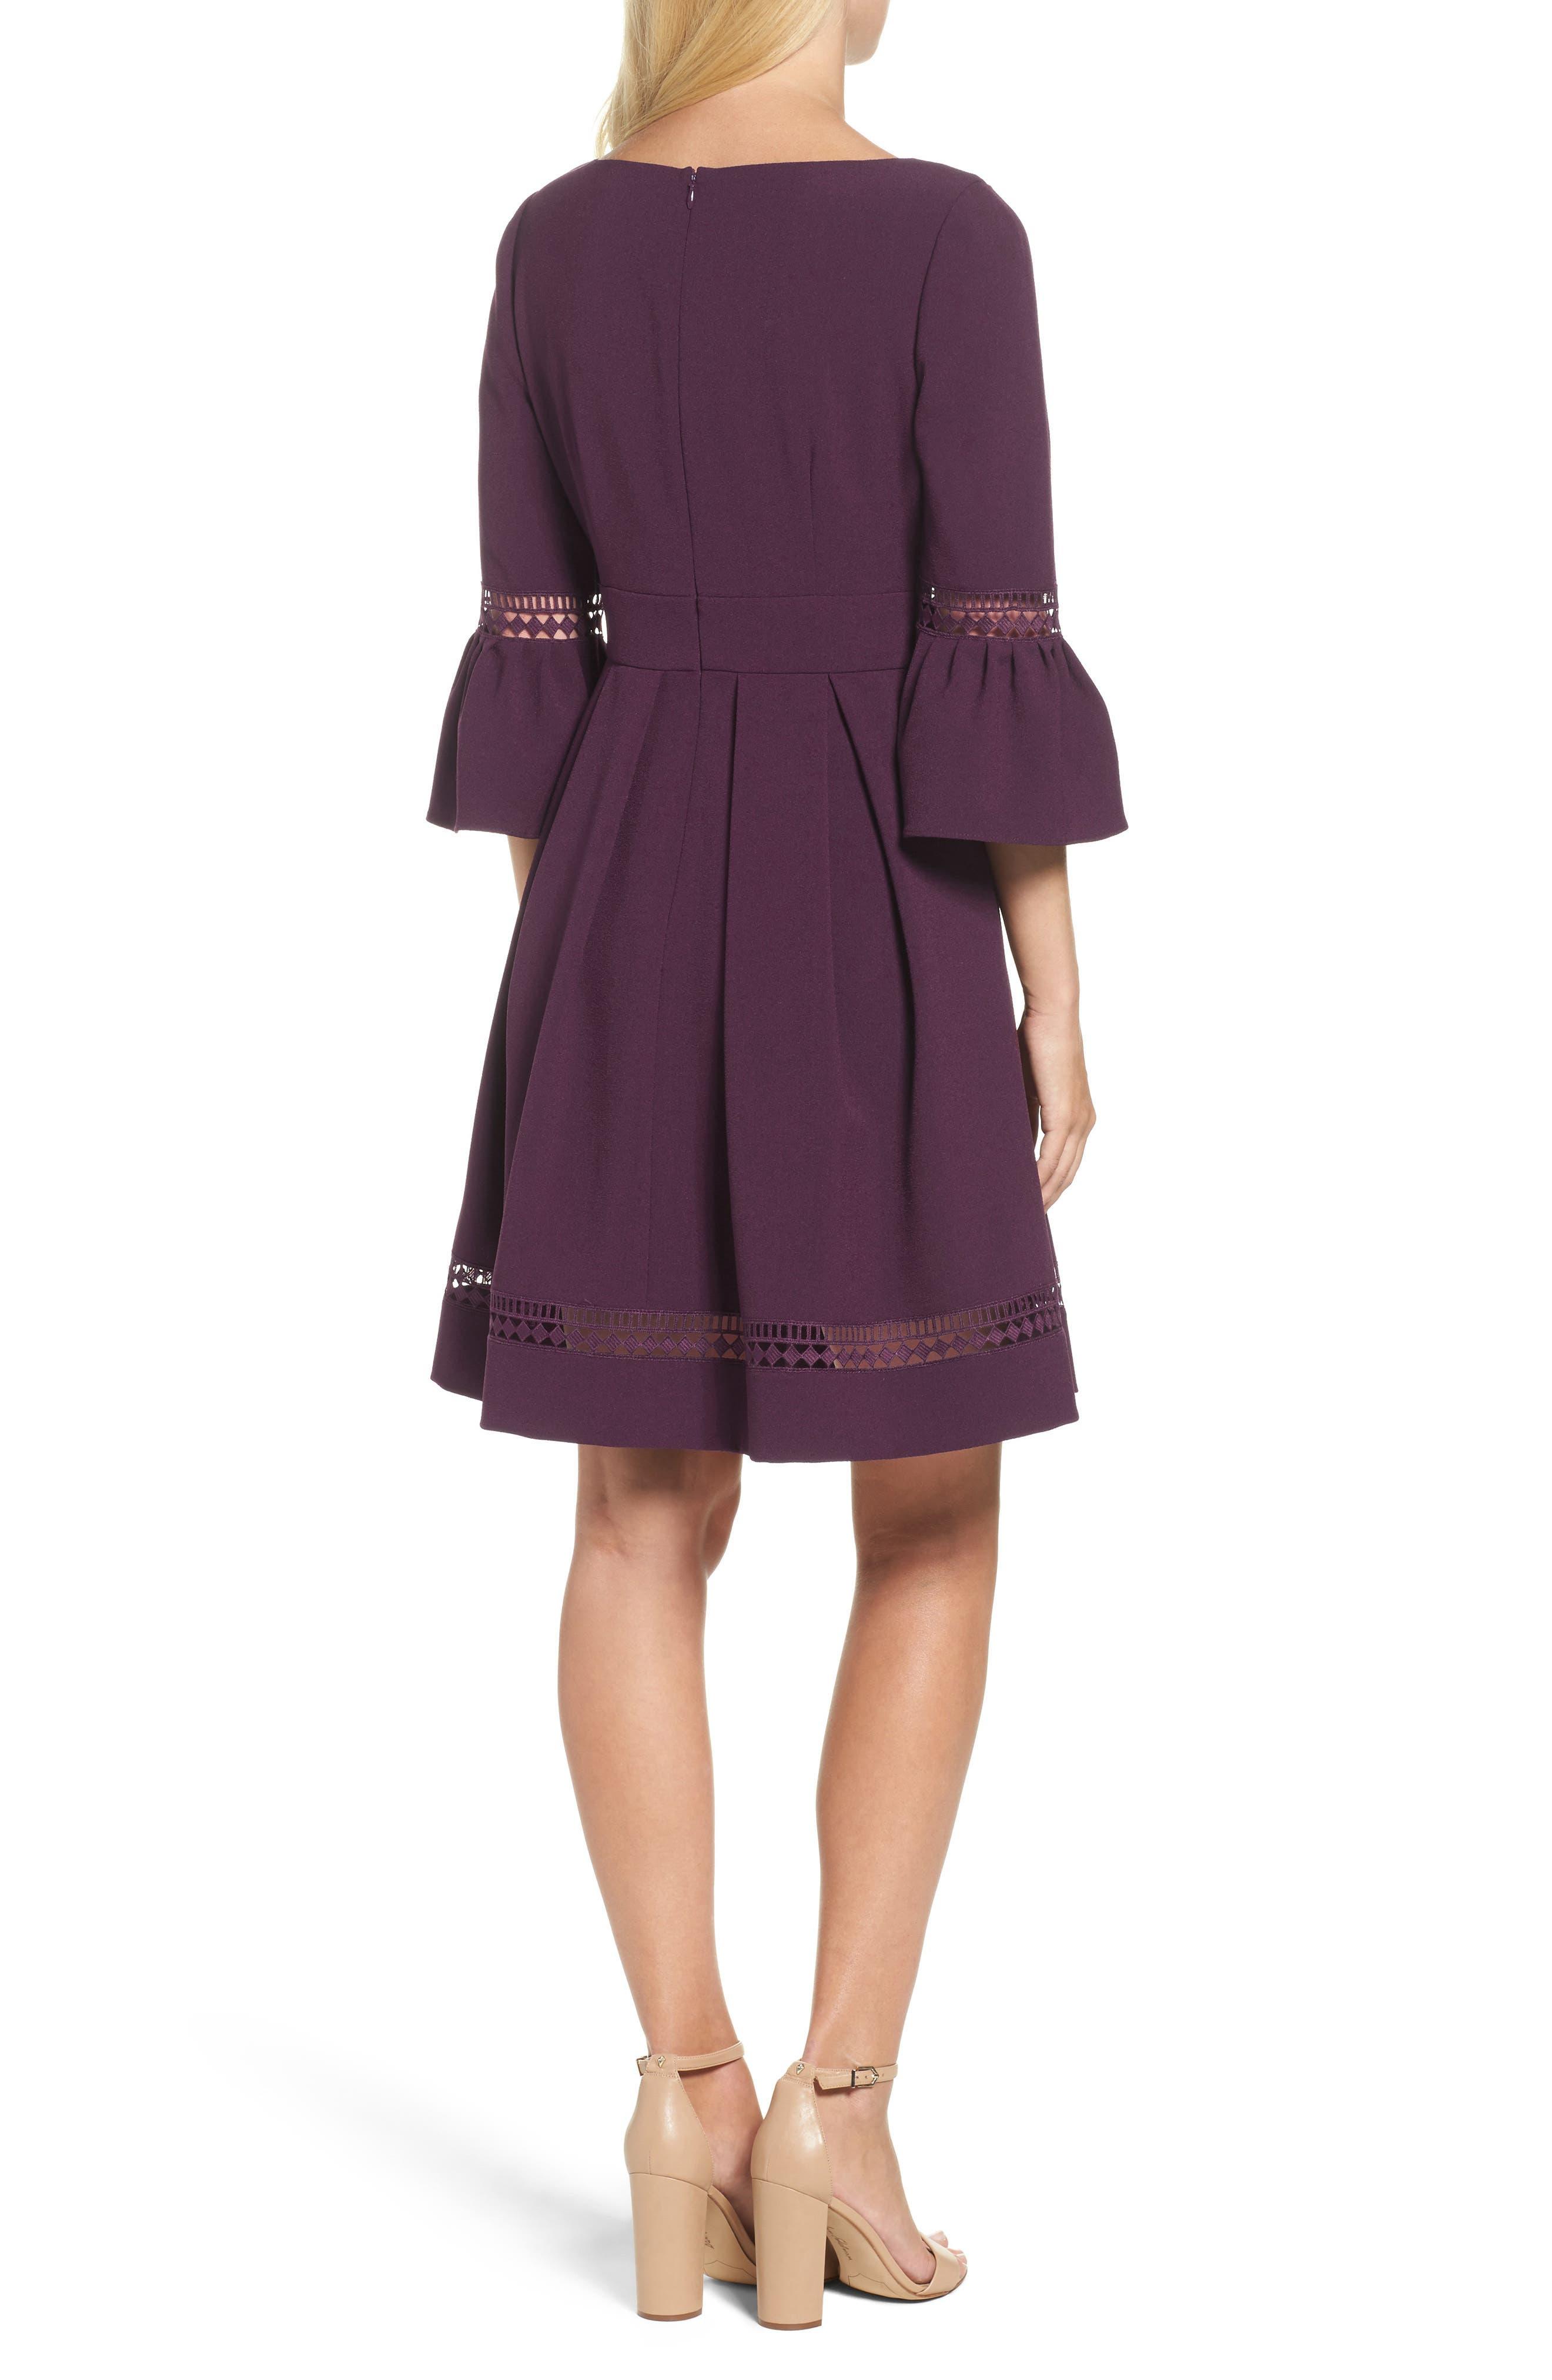 Little Black Dress Petite Dresses for Women | Nordstrom